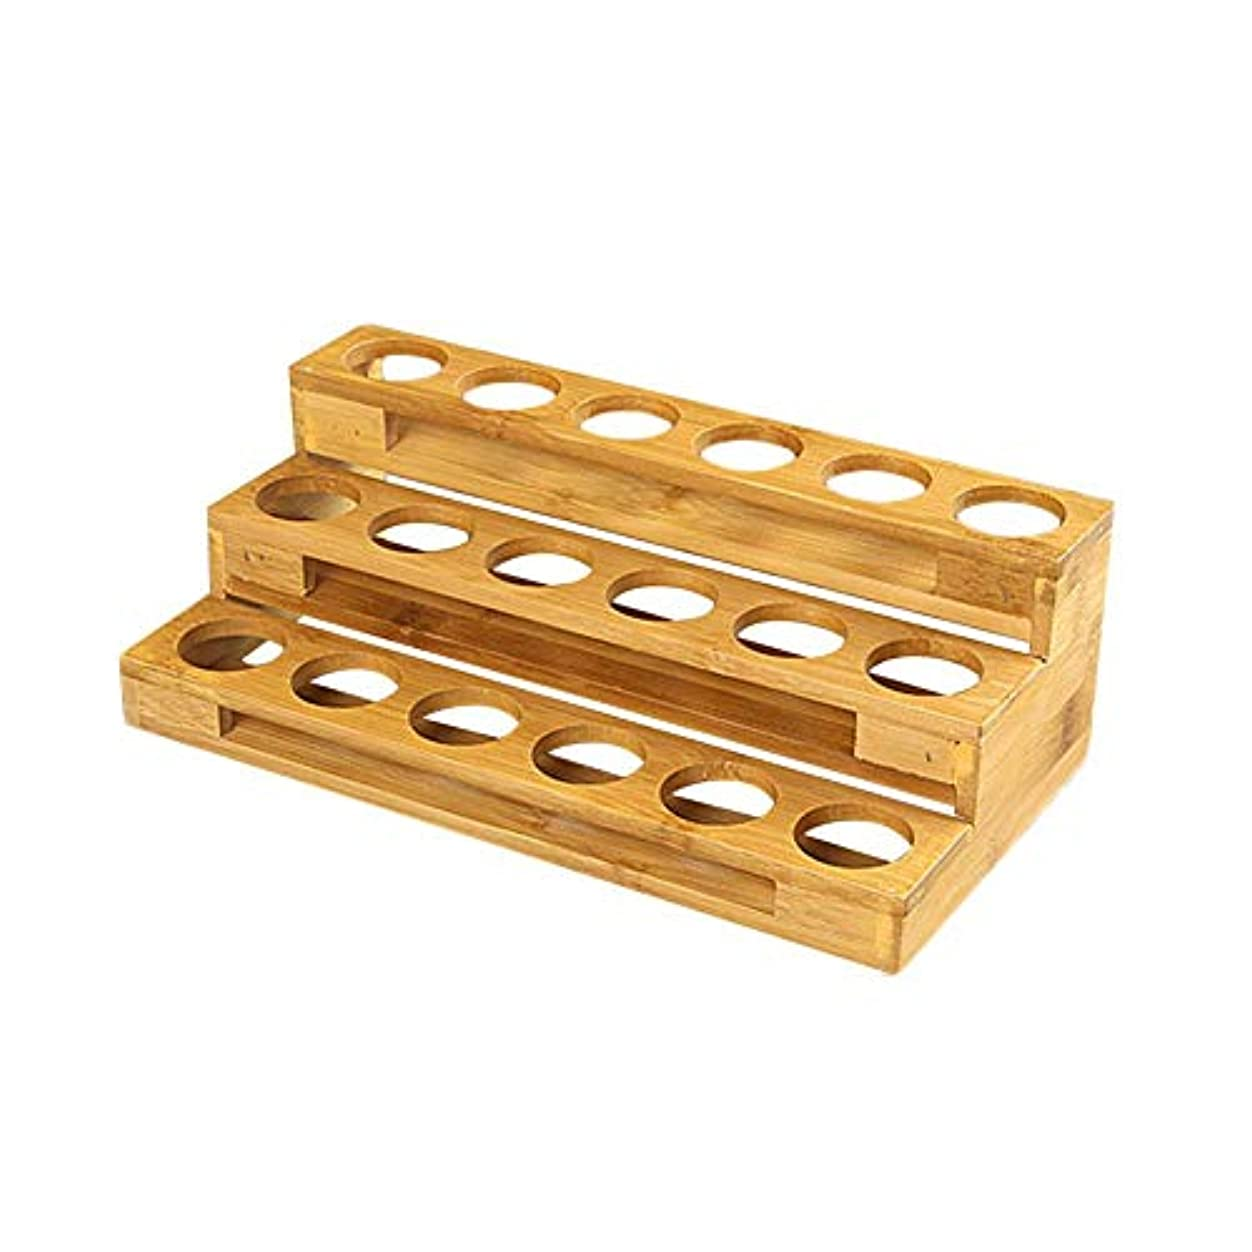 落花生流用する読者エッセンシャルオイル収納ボックス 自然木製 エッセンシャルオイルオイル 収納 ボックス 香水収納ケース はしごタイプ アロマオイル収納ボックス 18本用